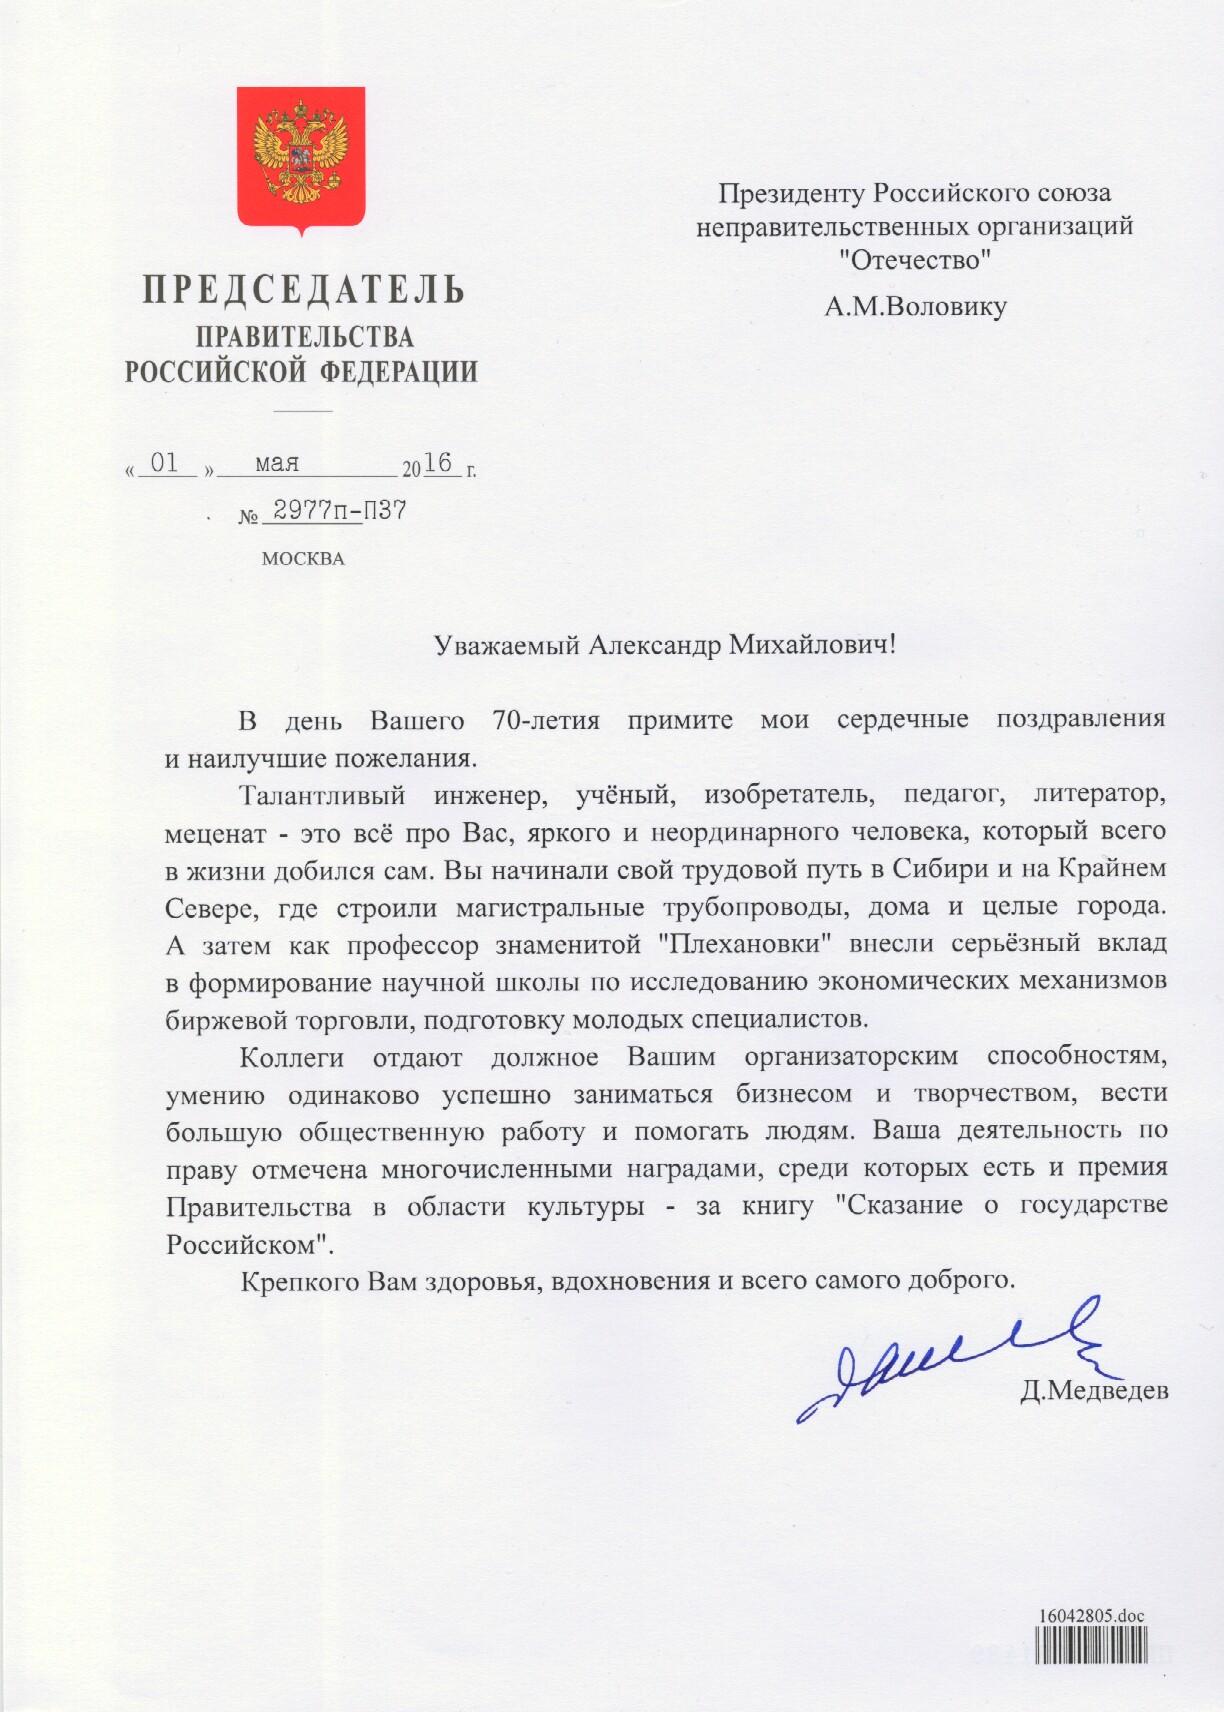 Поздравление с днем рождения председателя правительства республики 48